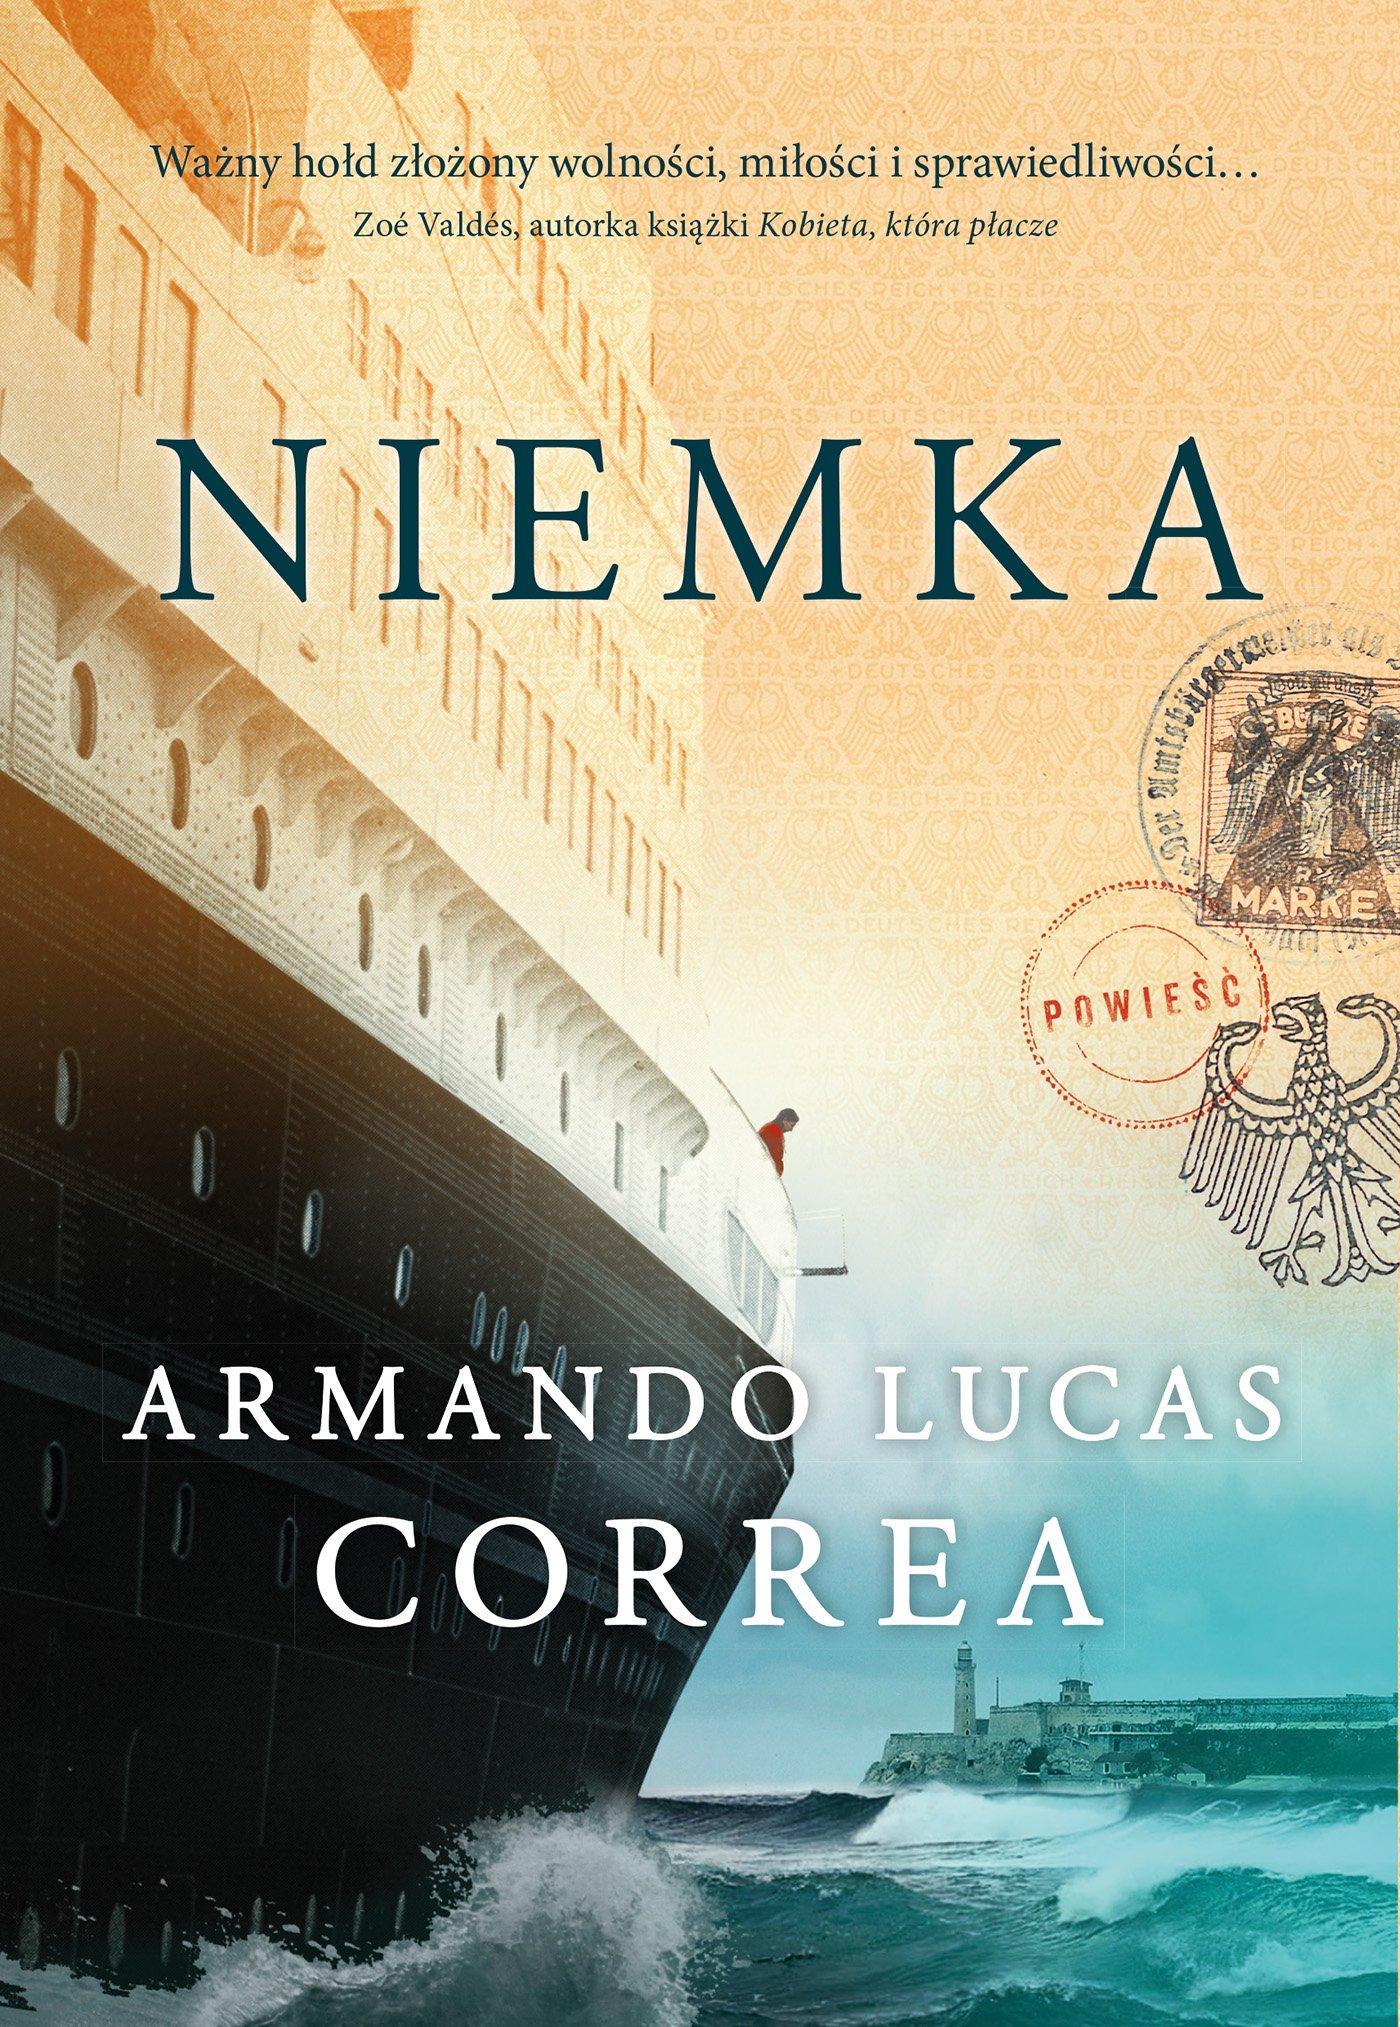 Niemka - Ebook (Książka na Kindle) do pobrania w formacie MOBI